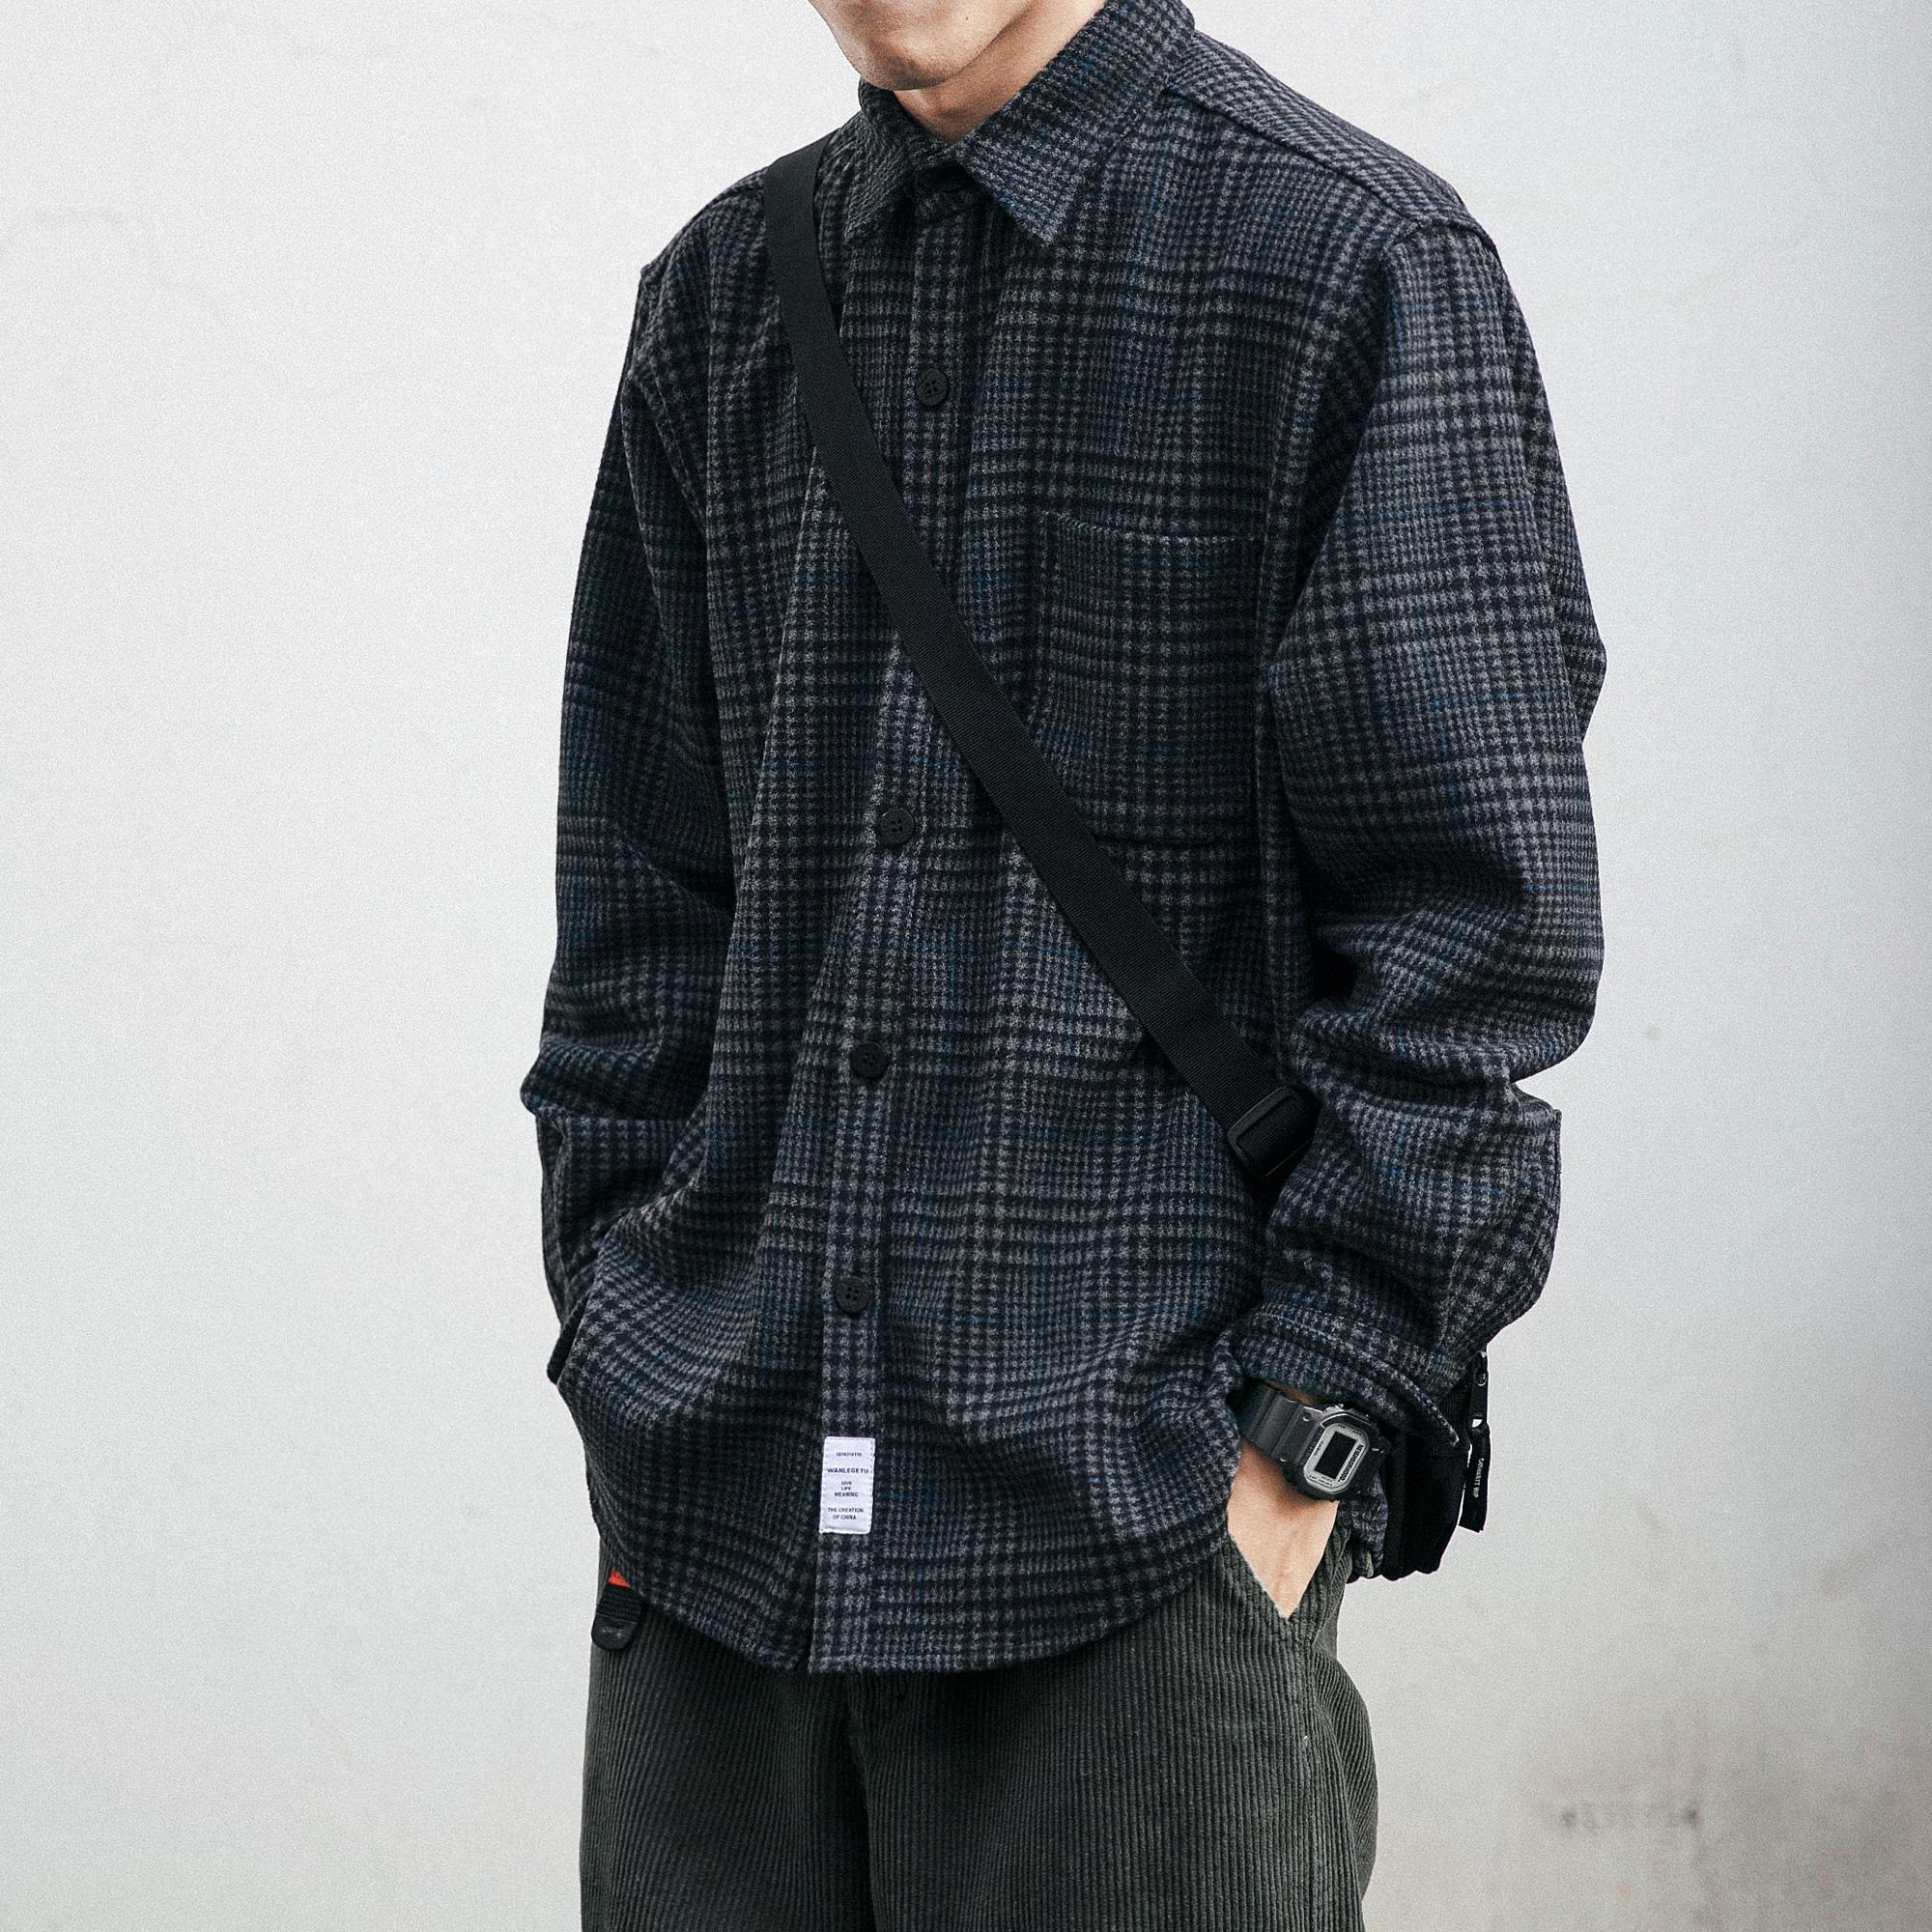 复古工装格子衬衫男春秋季长袖潮流宽松百搭日系衬衣休闲毛呢衬衣